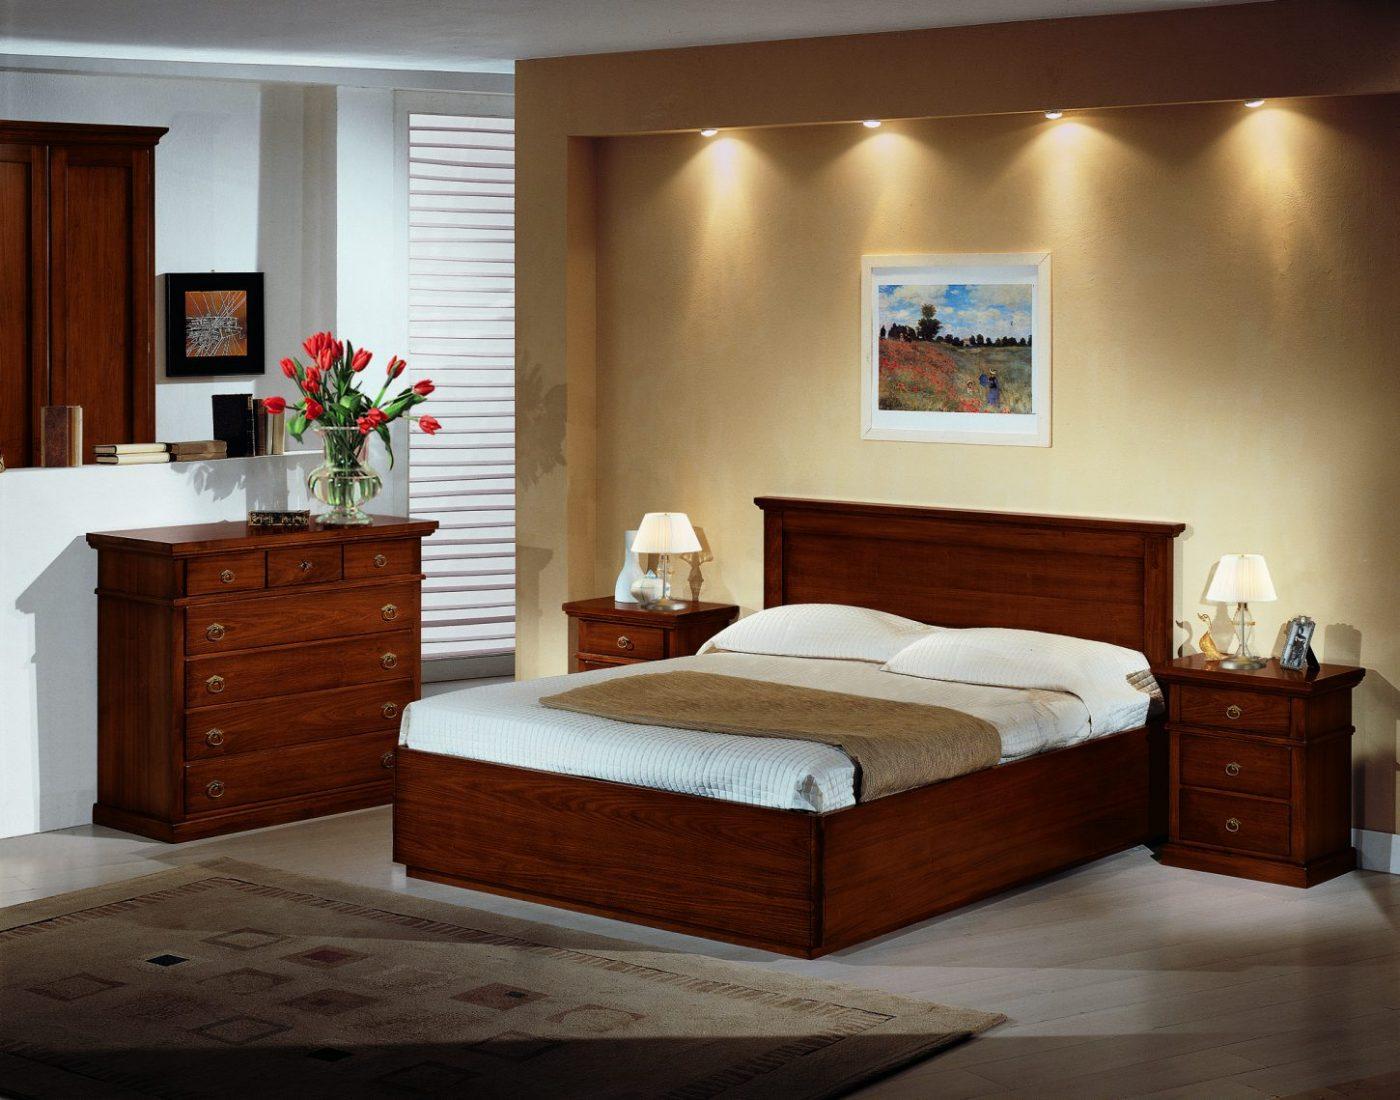 Camera da letto in stile modello Arte Povera  Mobili in